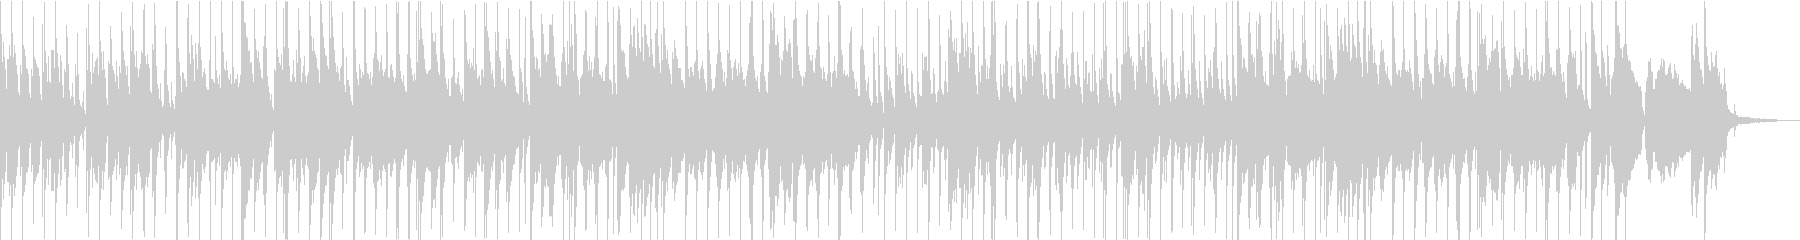 まったりできるトランペットジャズバラードの未再生の波形